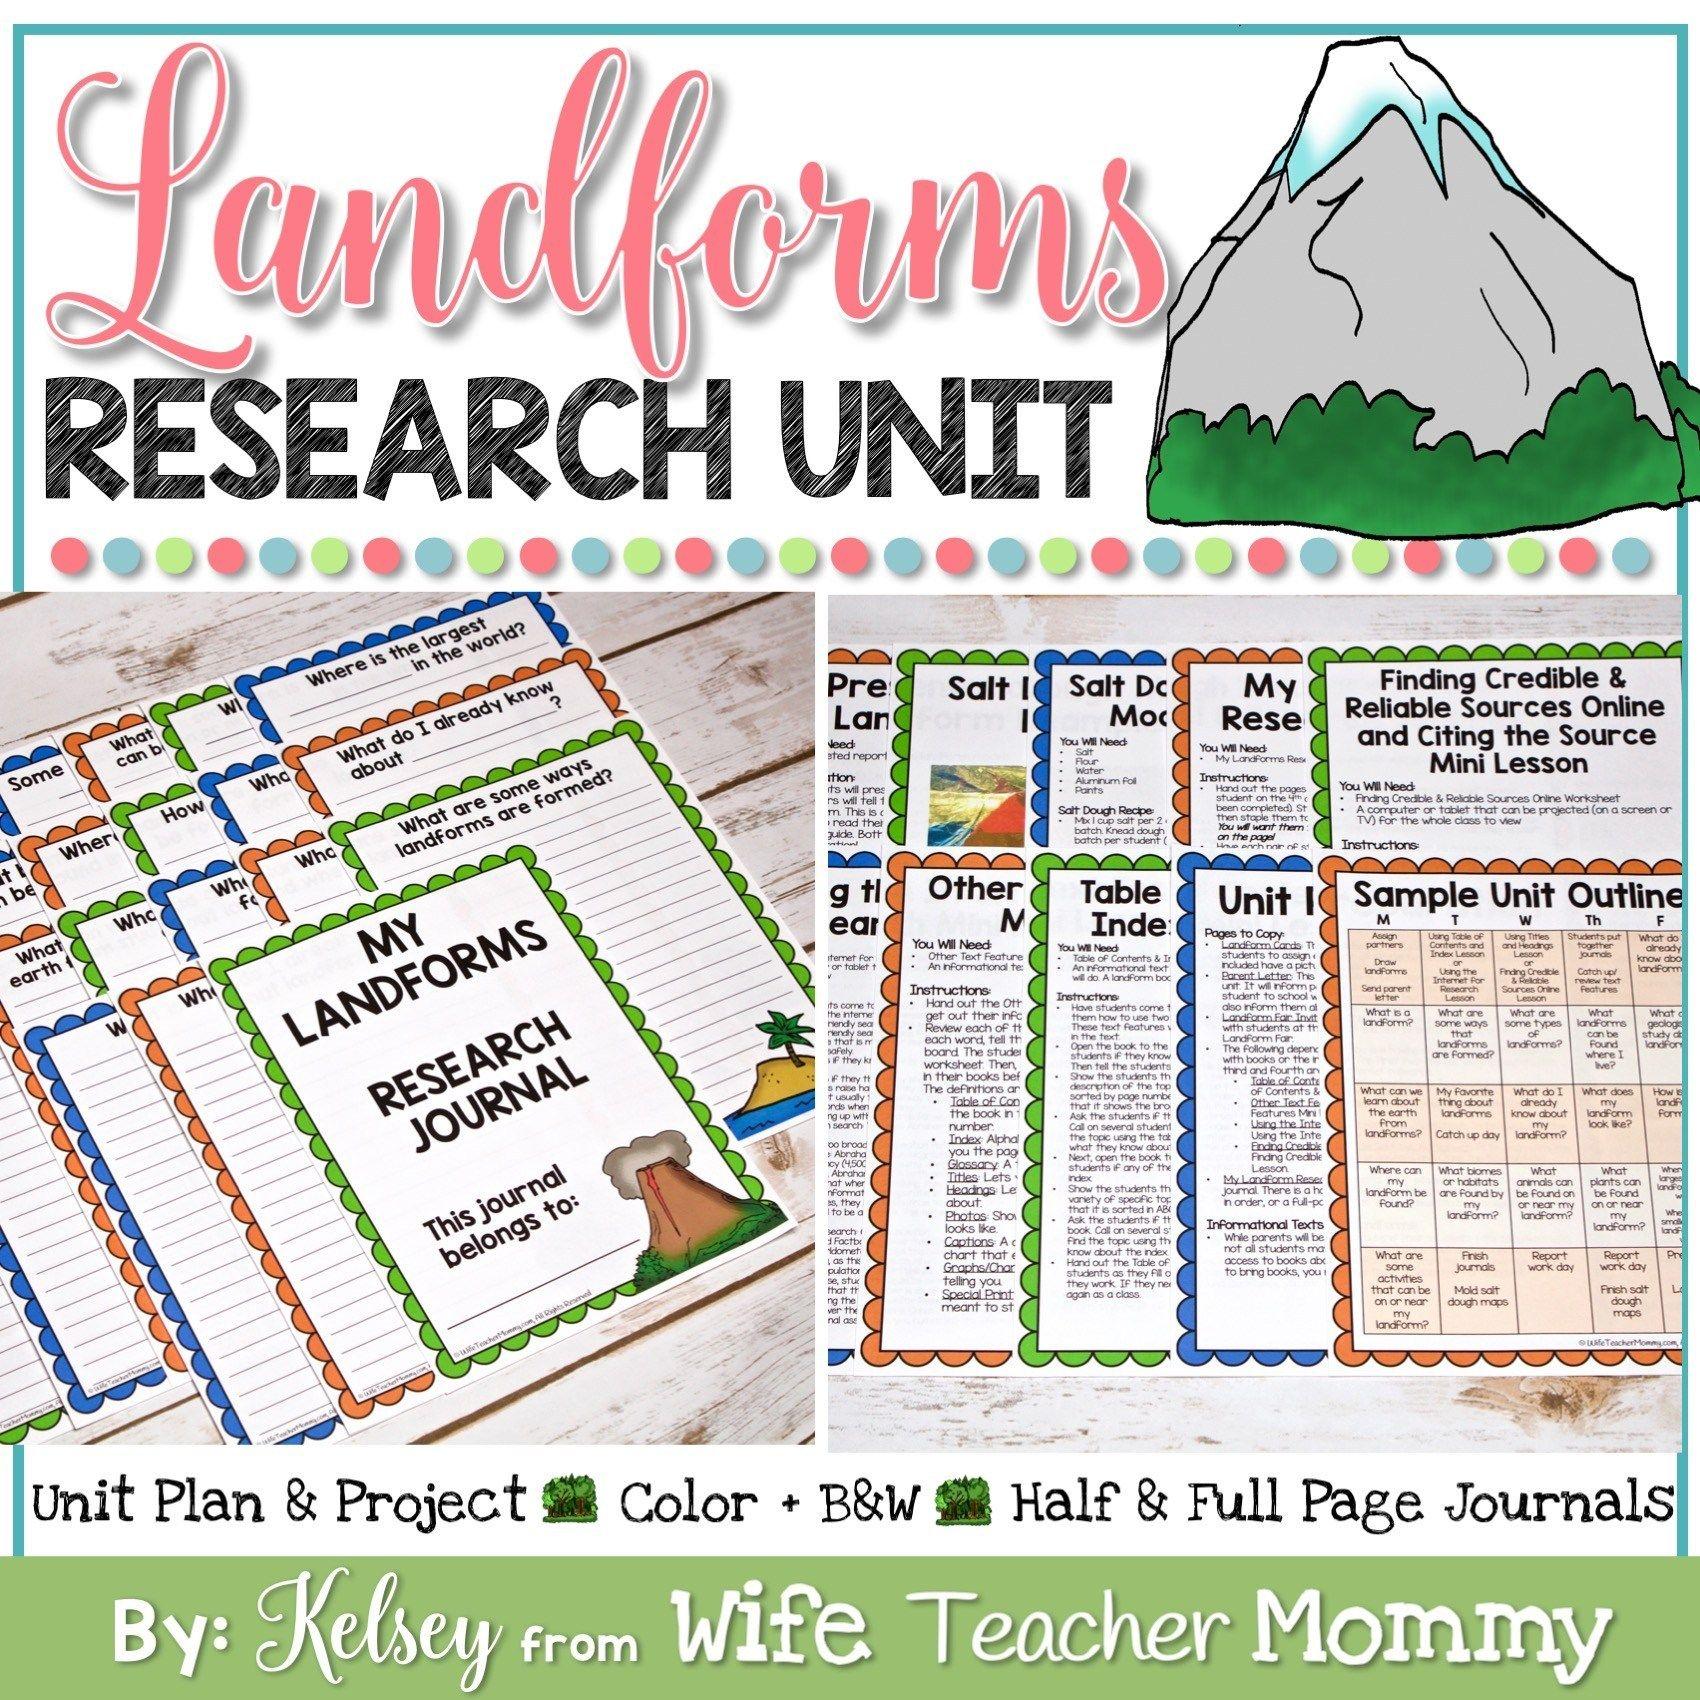 Landforms Research Unit